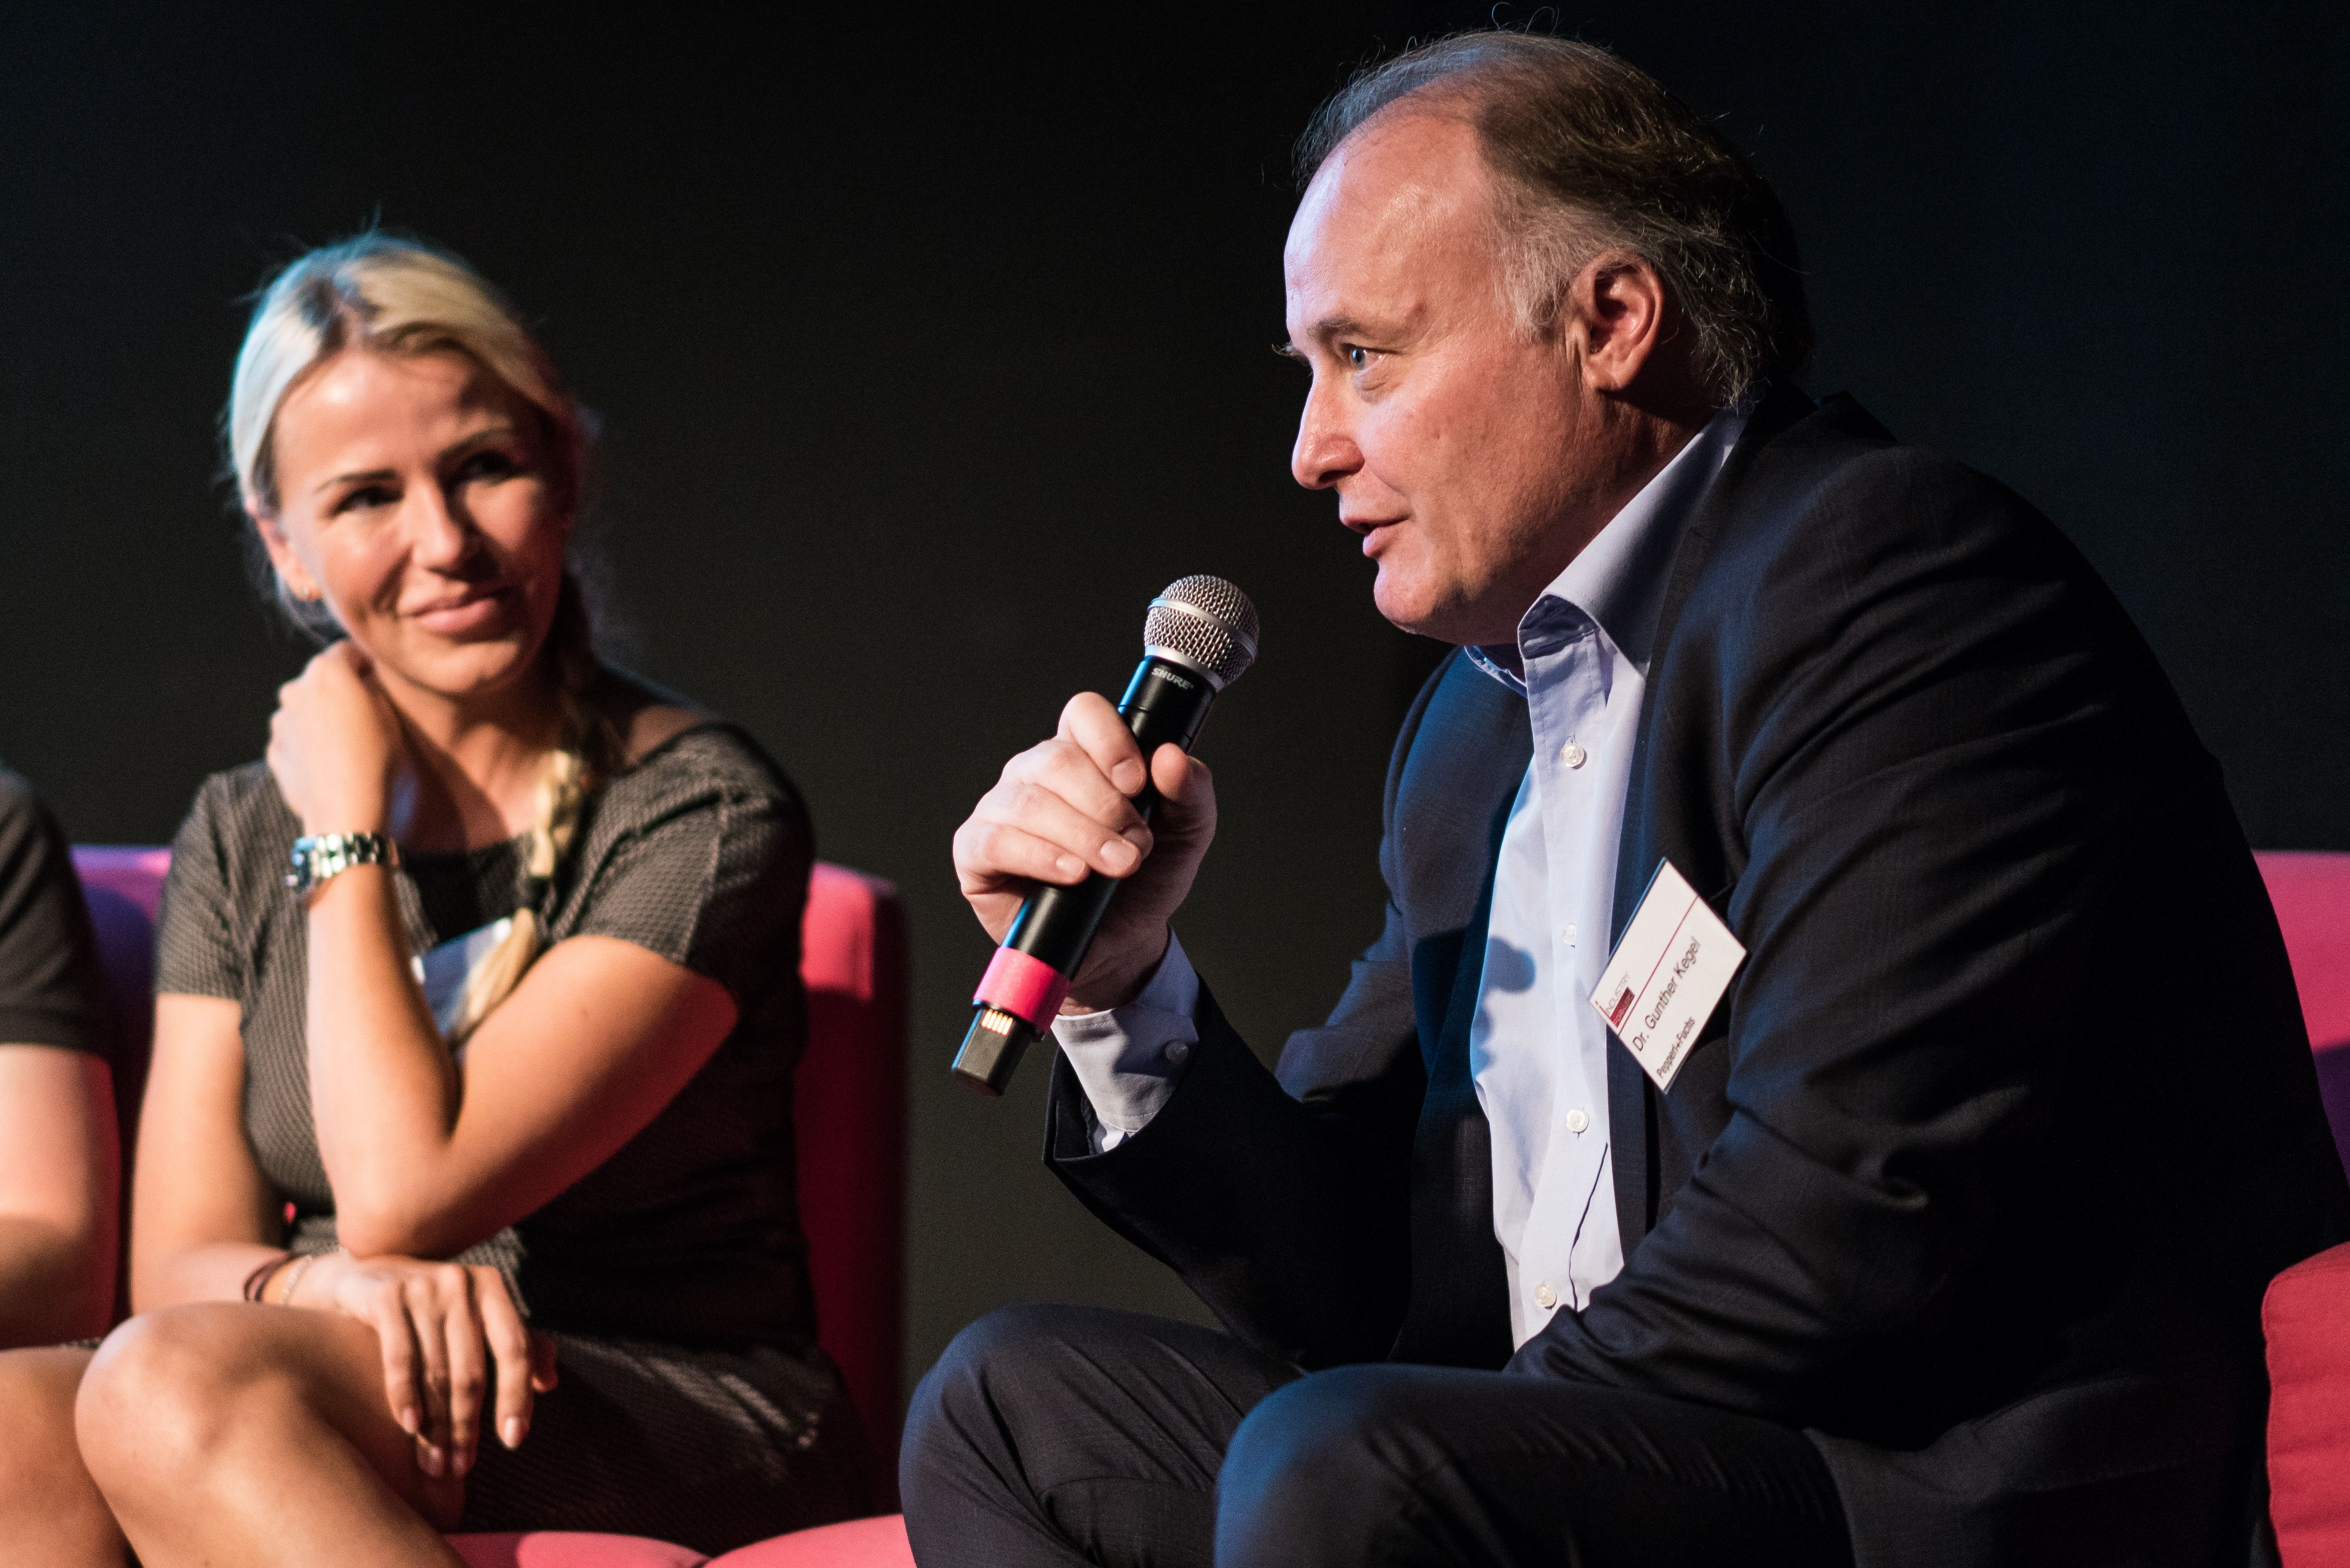 """Interview mit Digitalisierungsexperte Dr. Gunther Kegel: """"Es braucht kein neues Geschäftsmodell, sondern das Alte digitalisiert."""""""